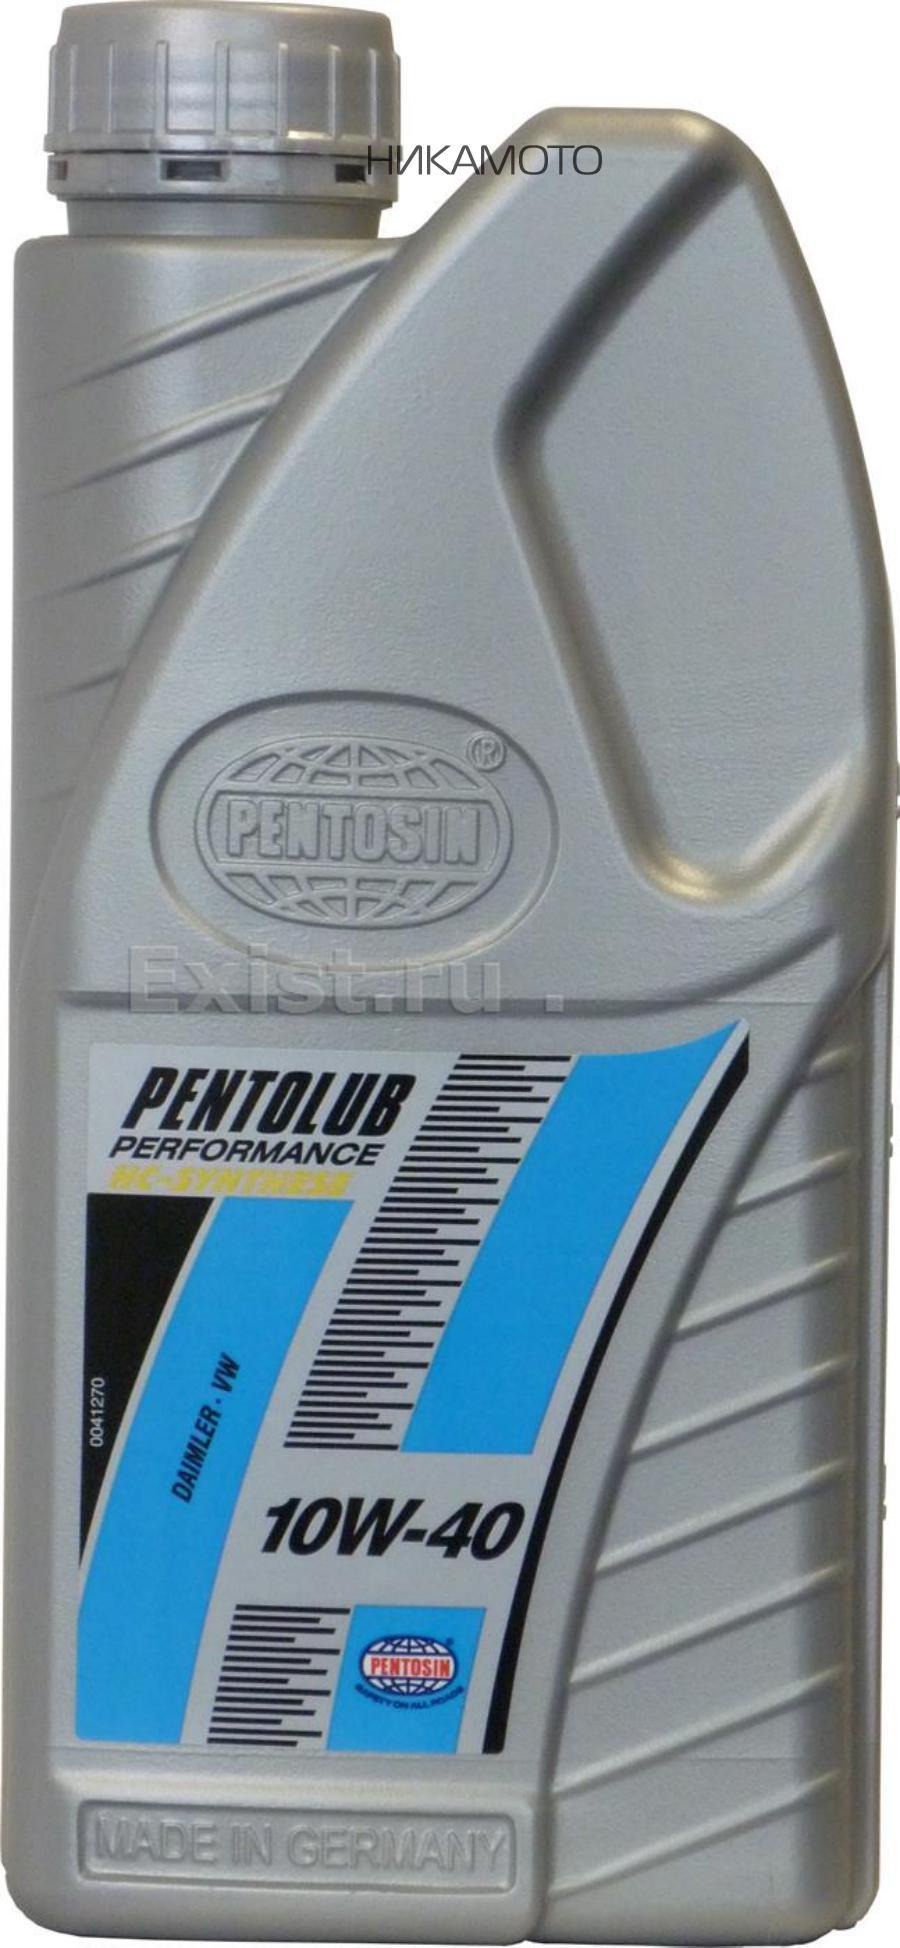 Масло моторное полусинтетическое Performance 1HC 10W-40, 1л